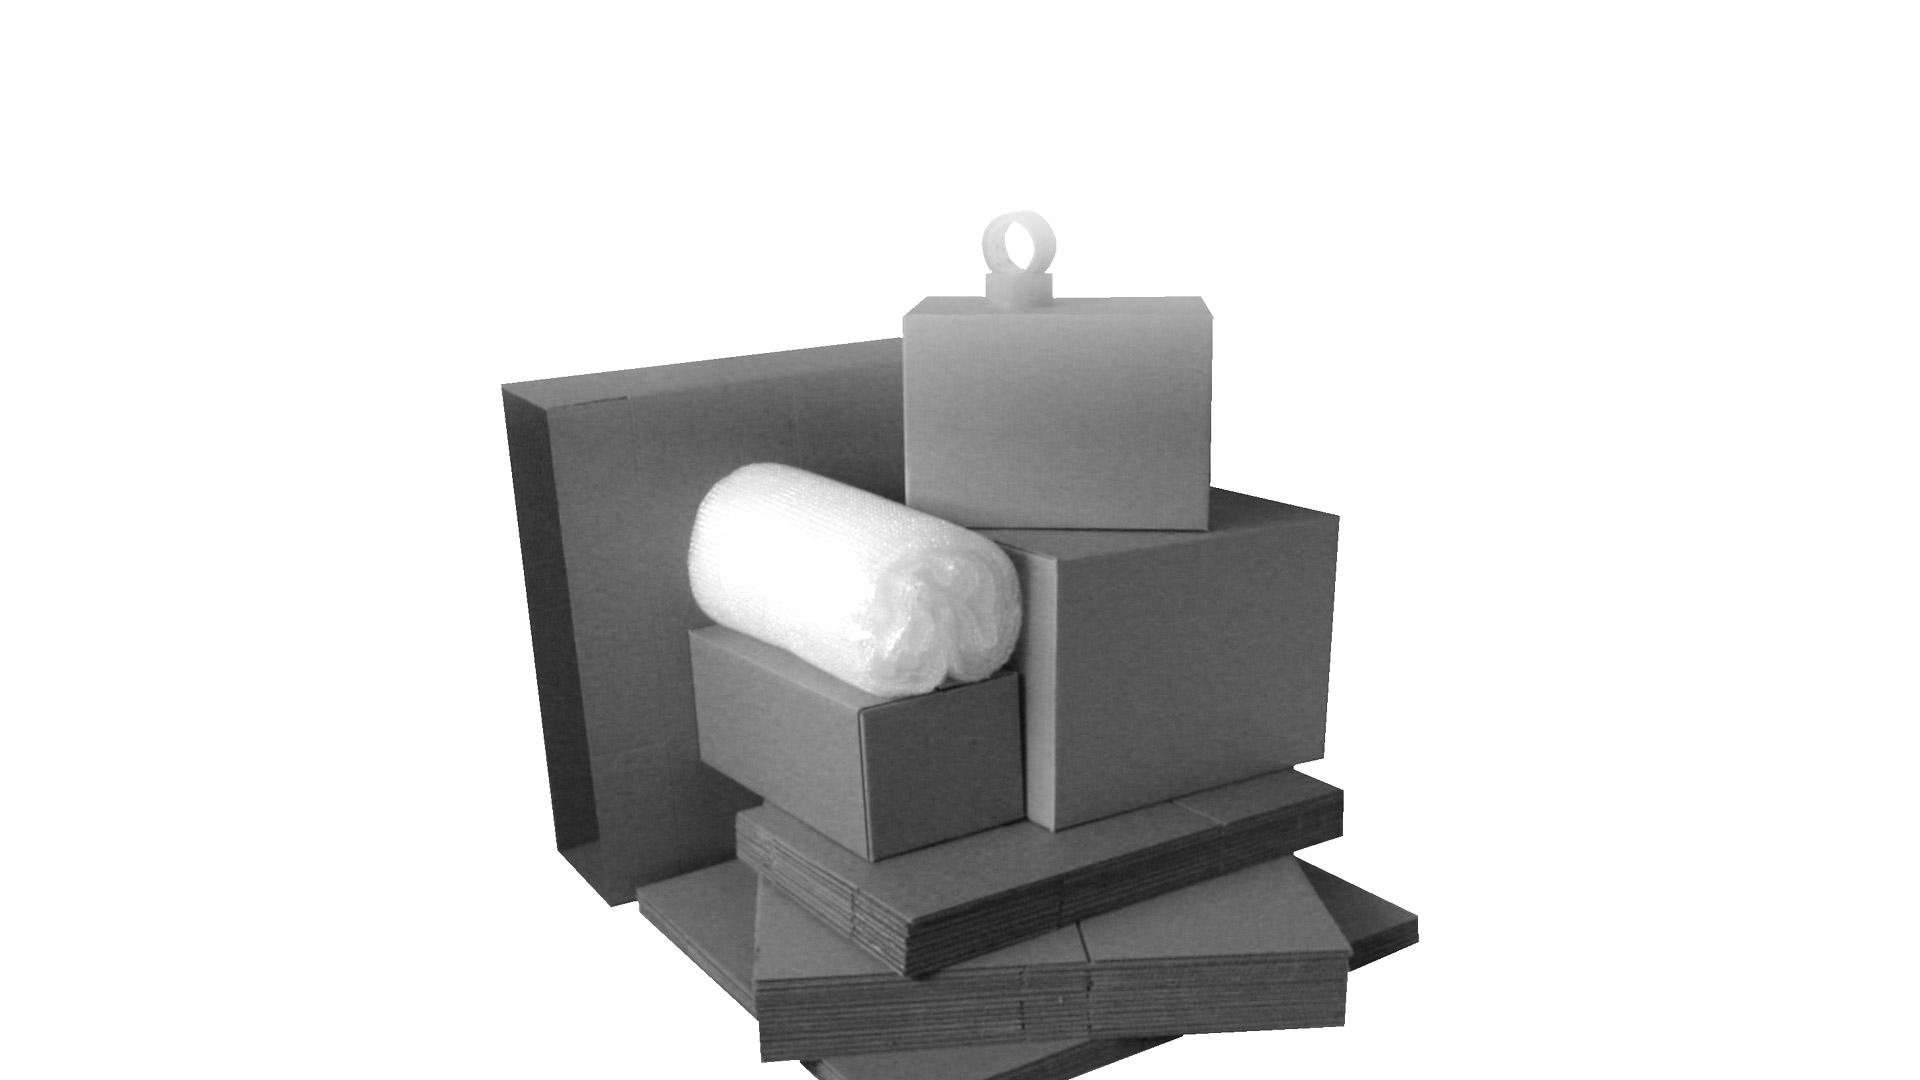 Goedkoop verpakkingsmateriaal gezocht bestel het bij for Verpakkingsmateriaal groothandel